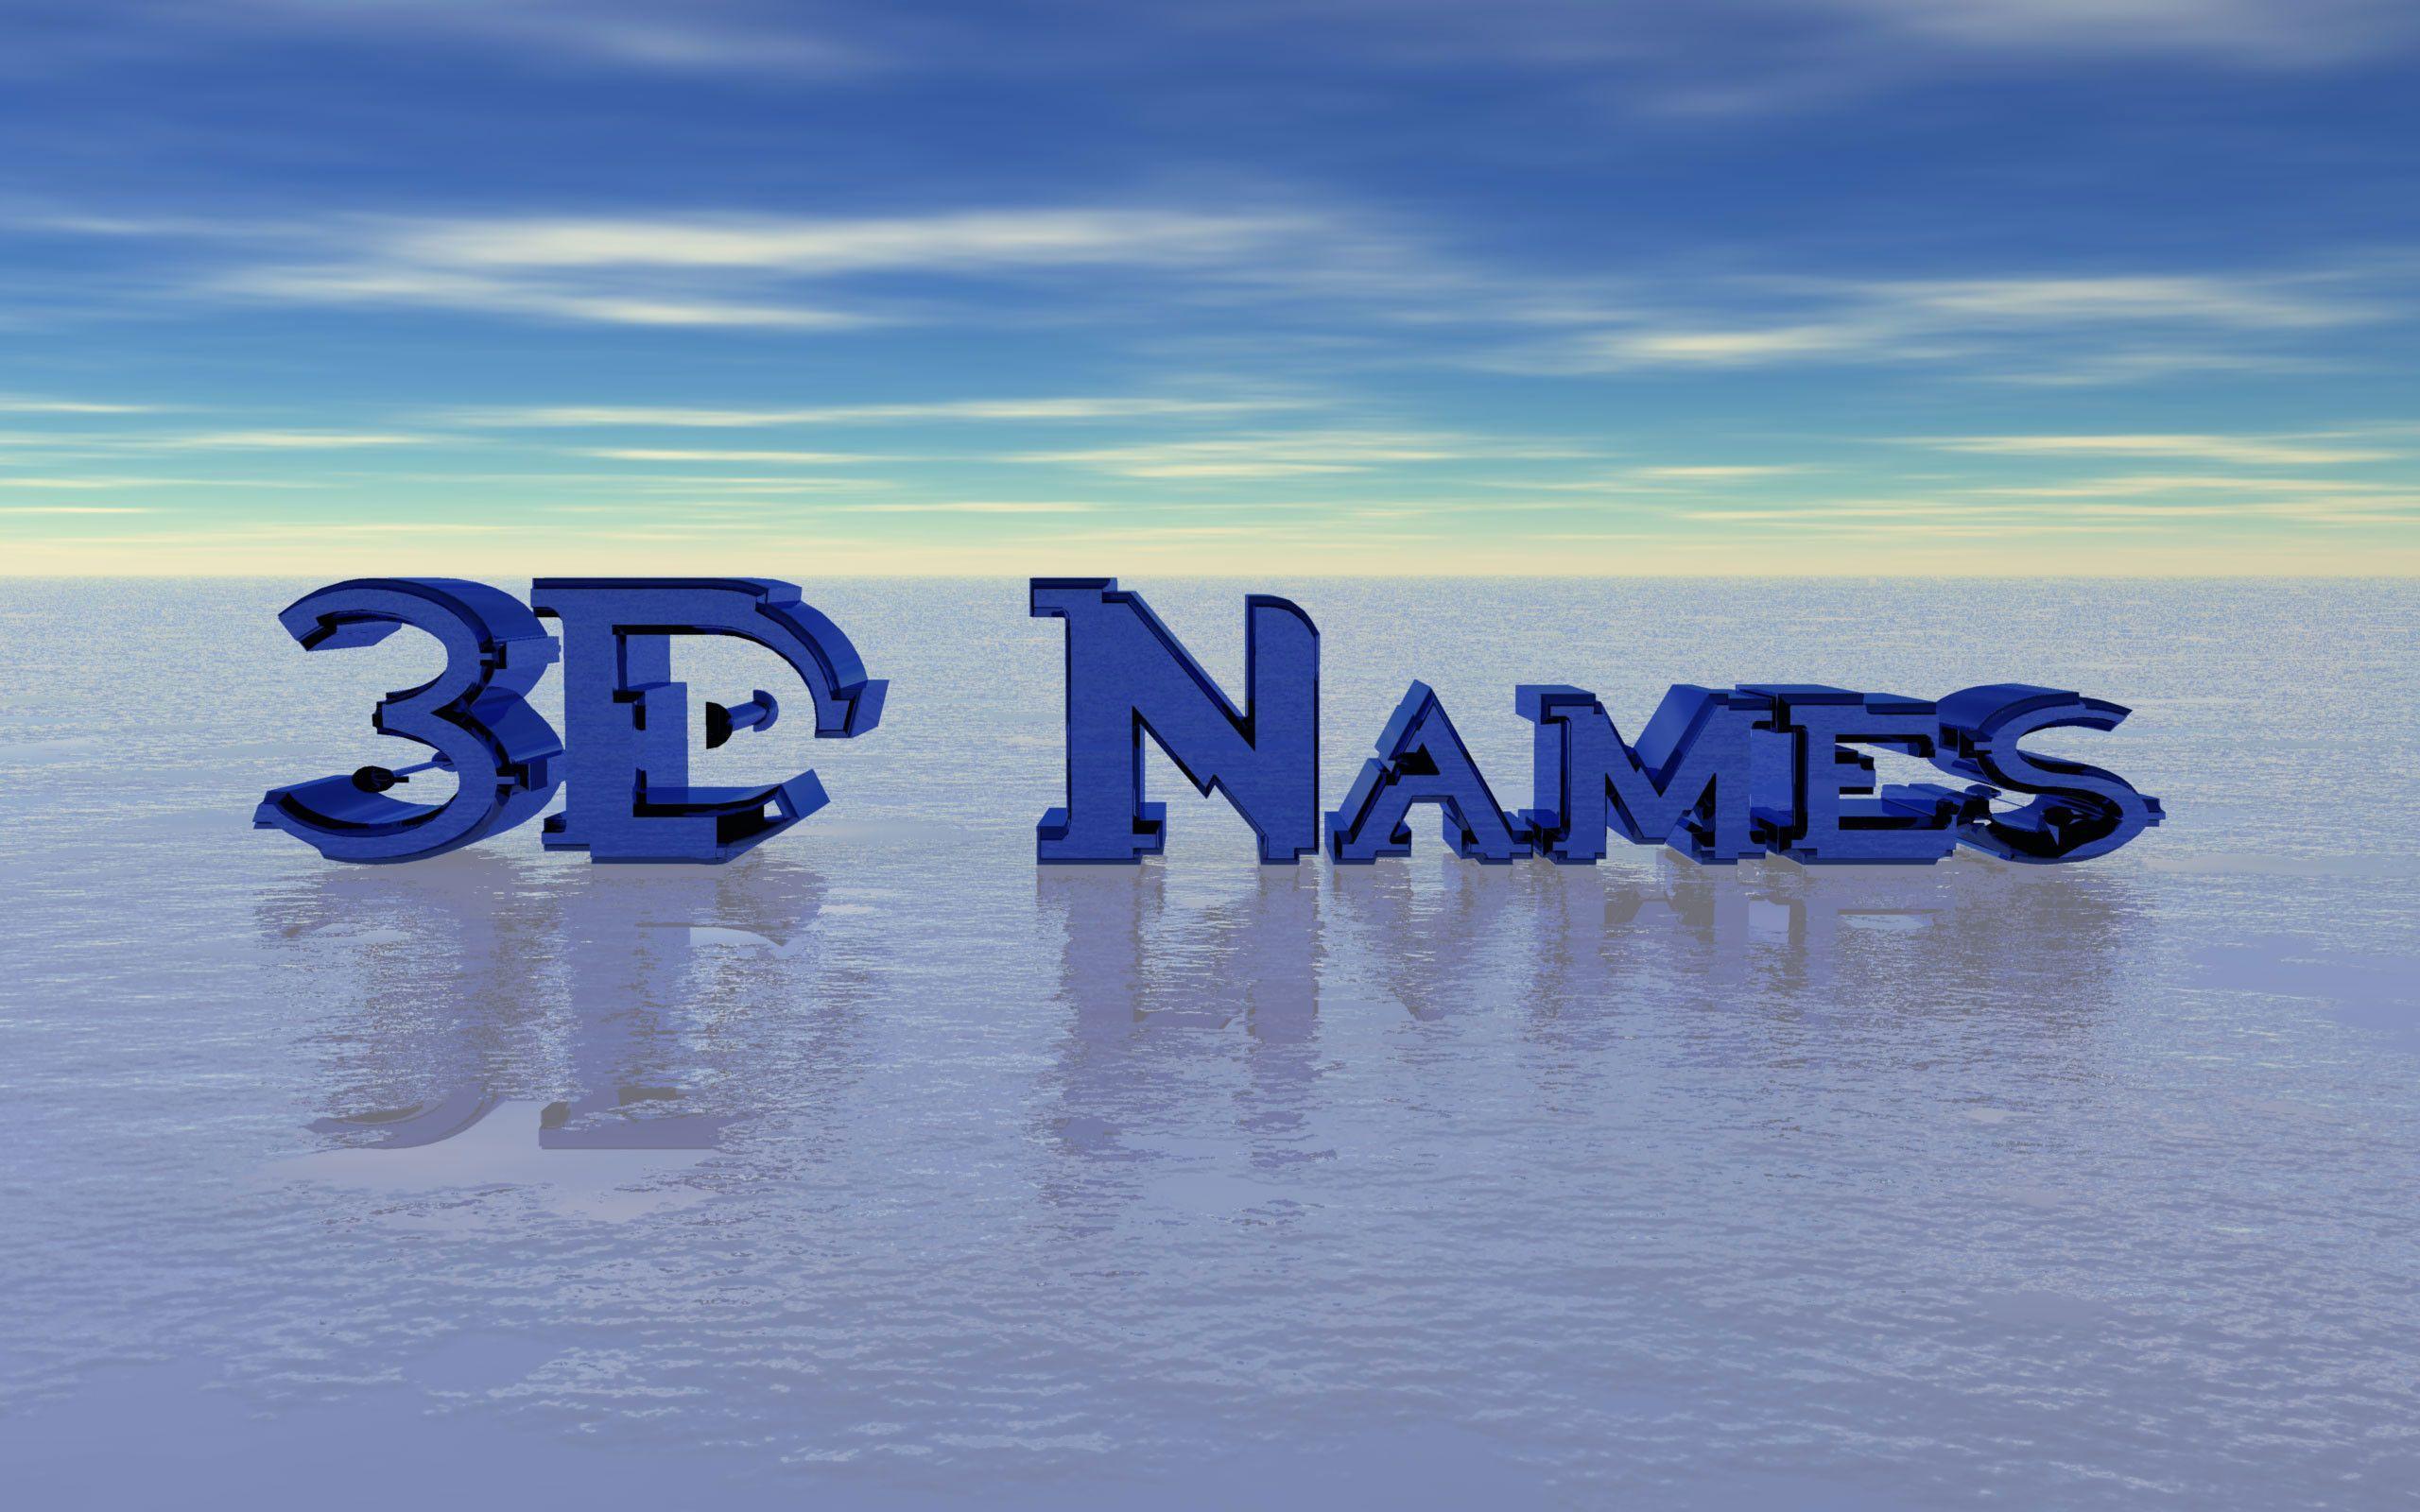 R.M 3D NAME WALLPAPER - Wallpaper Cave